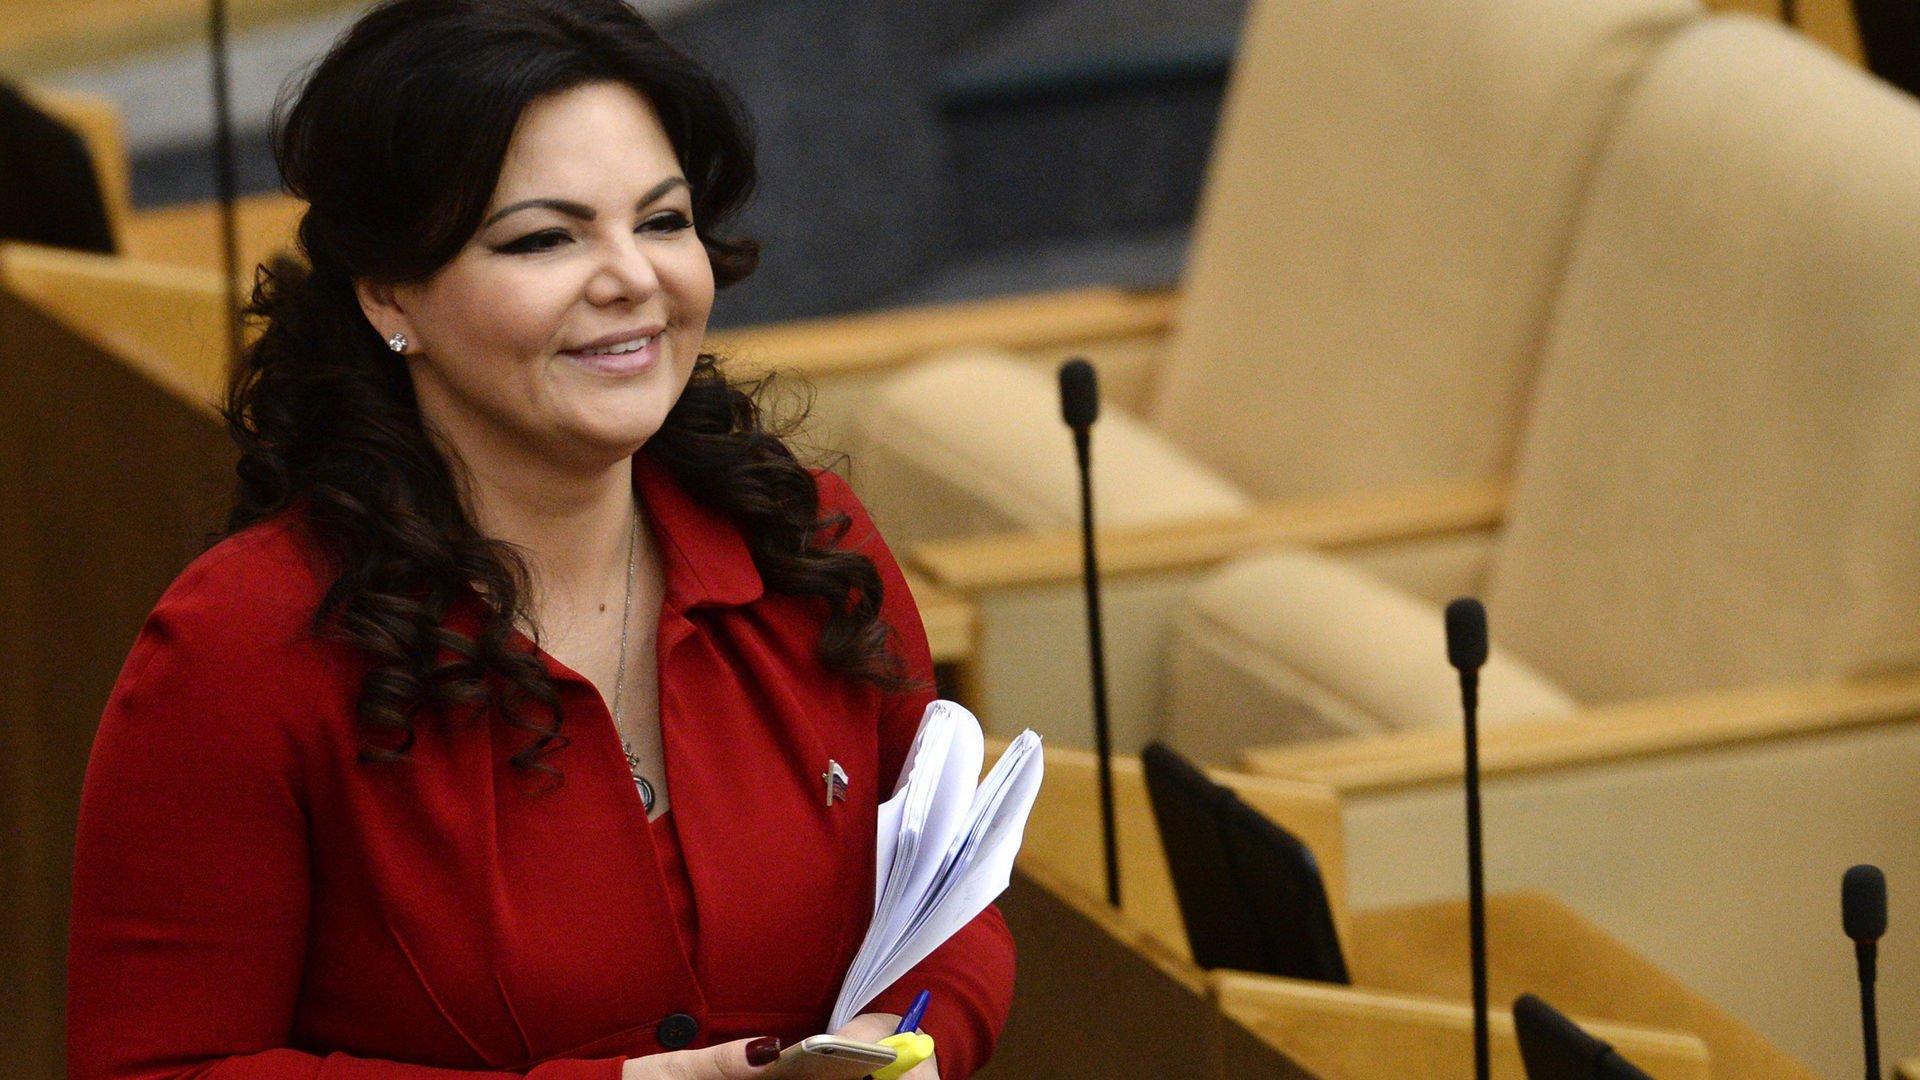 Депутат елена николаева семья фото